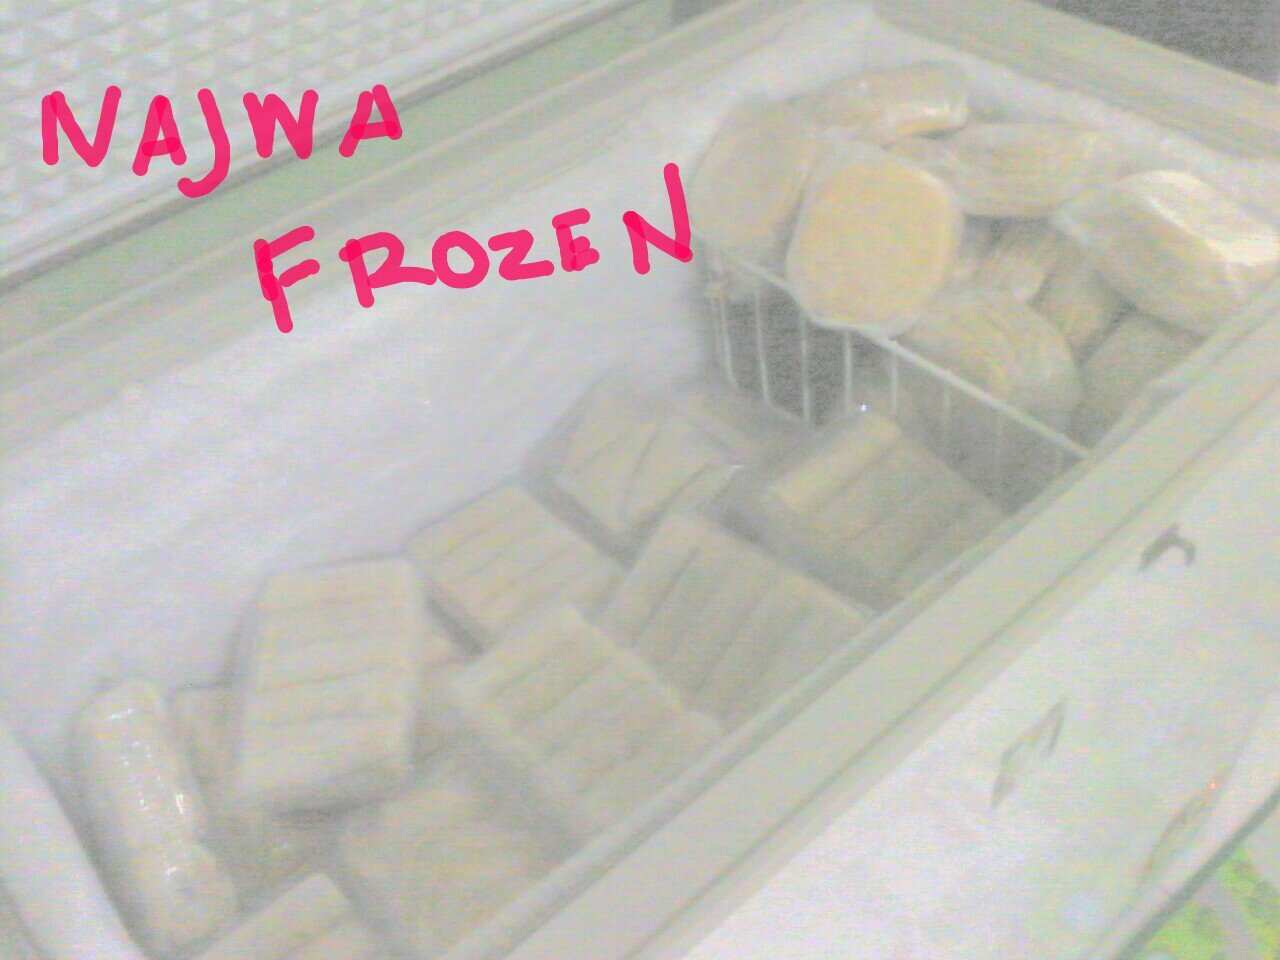 Frozen Food Malang Yazidtalib1 Twitter